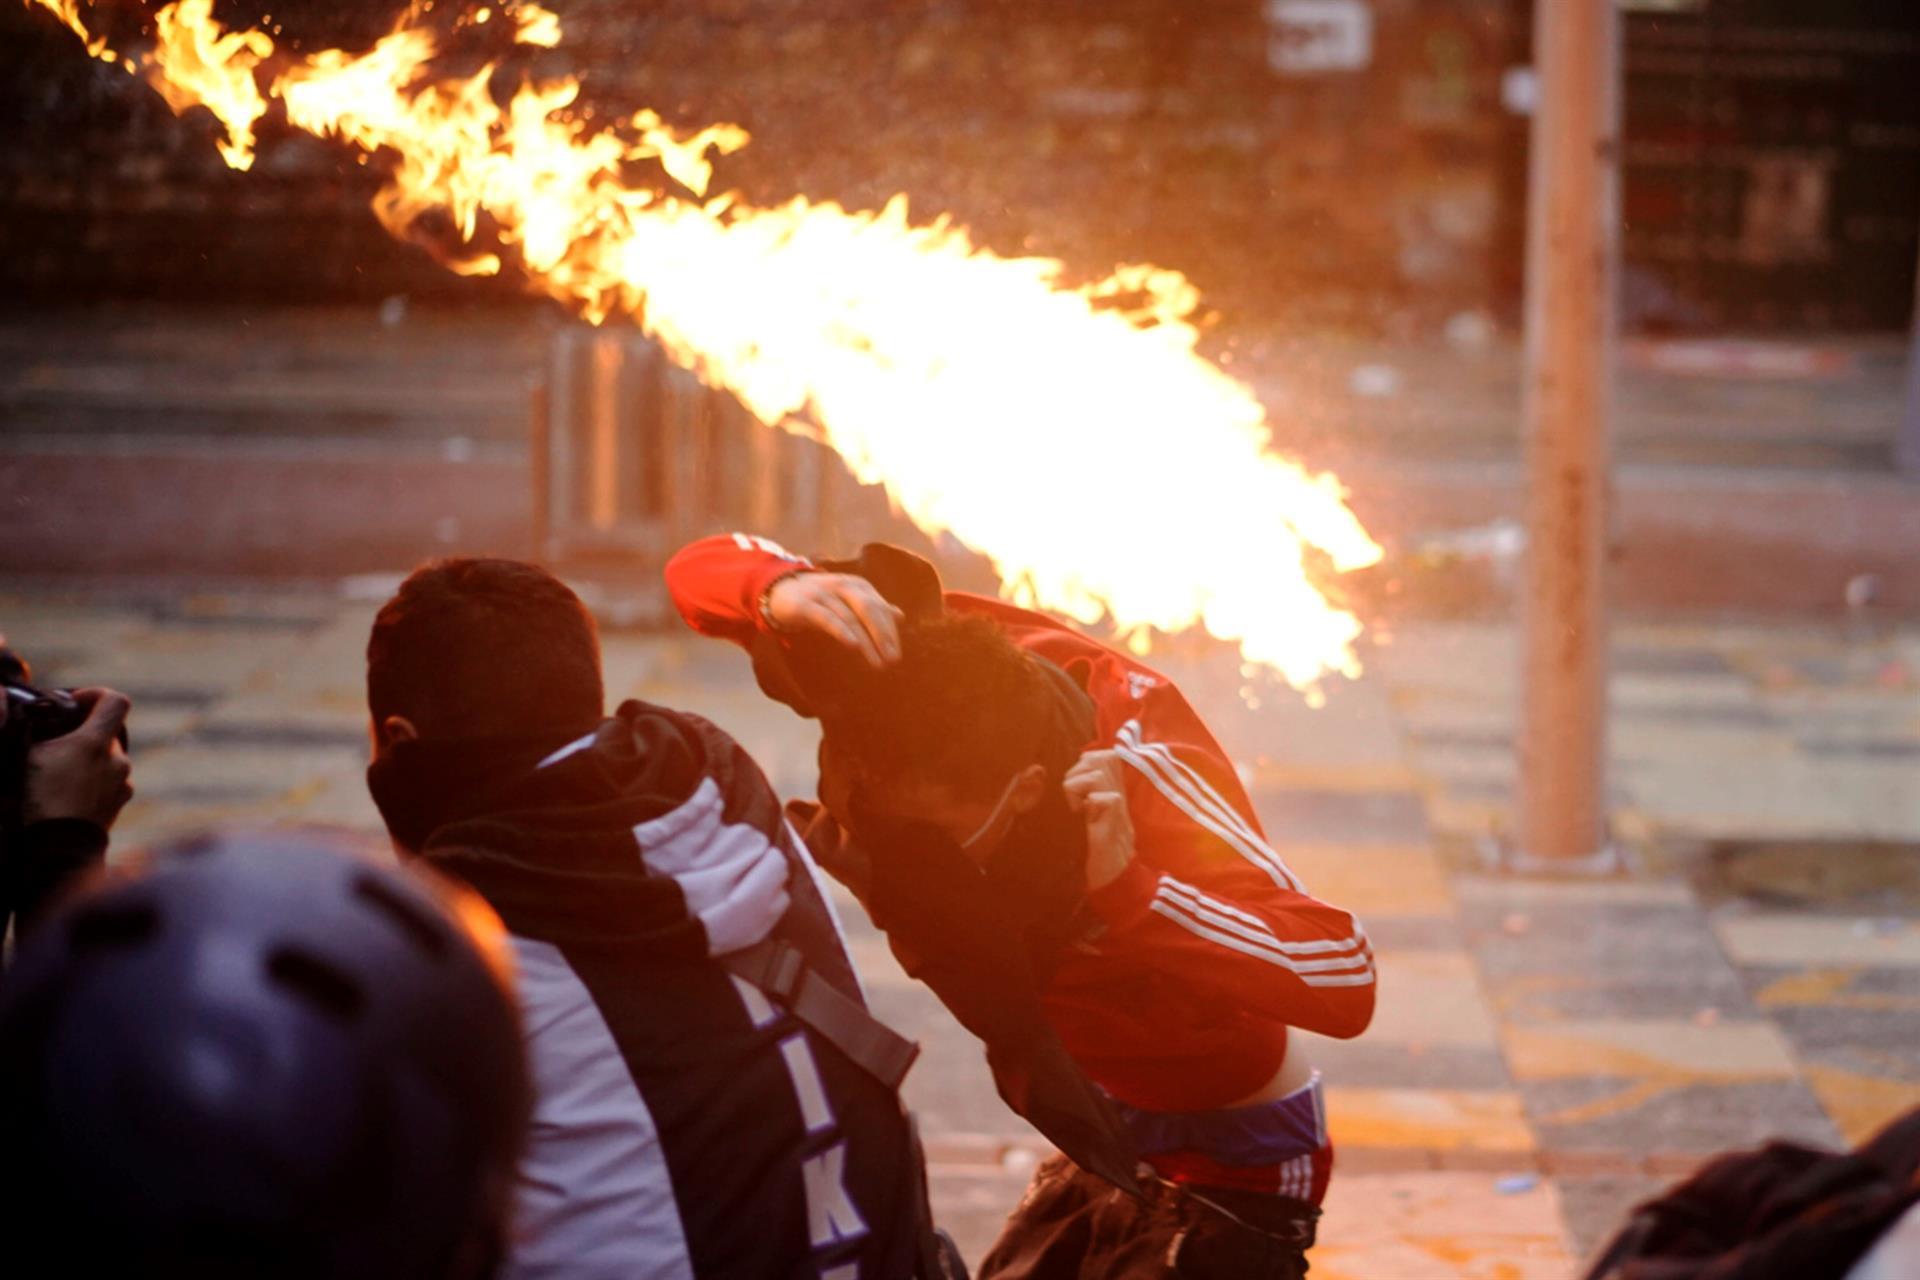 Un hombre se cubre del fuego durante un enfrentamiento con la Policía en el centro de Bogotá (Colombia).- EFE